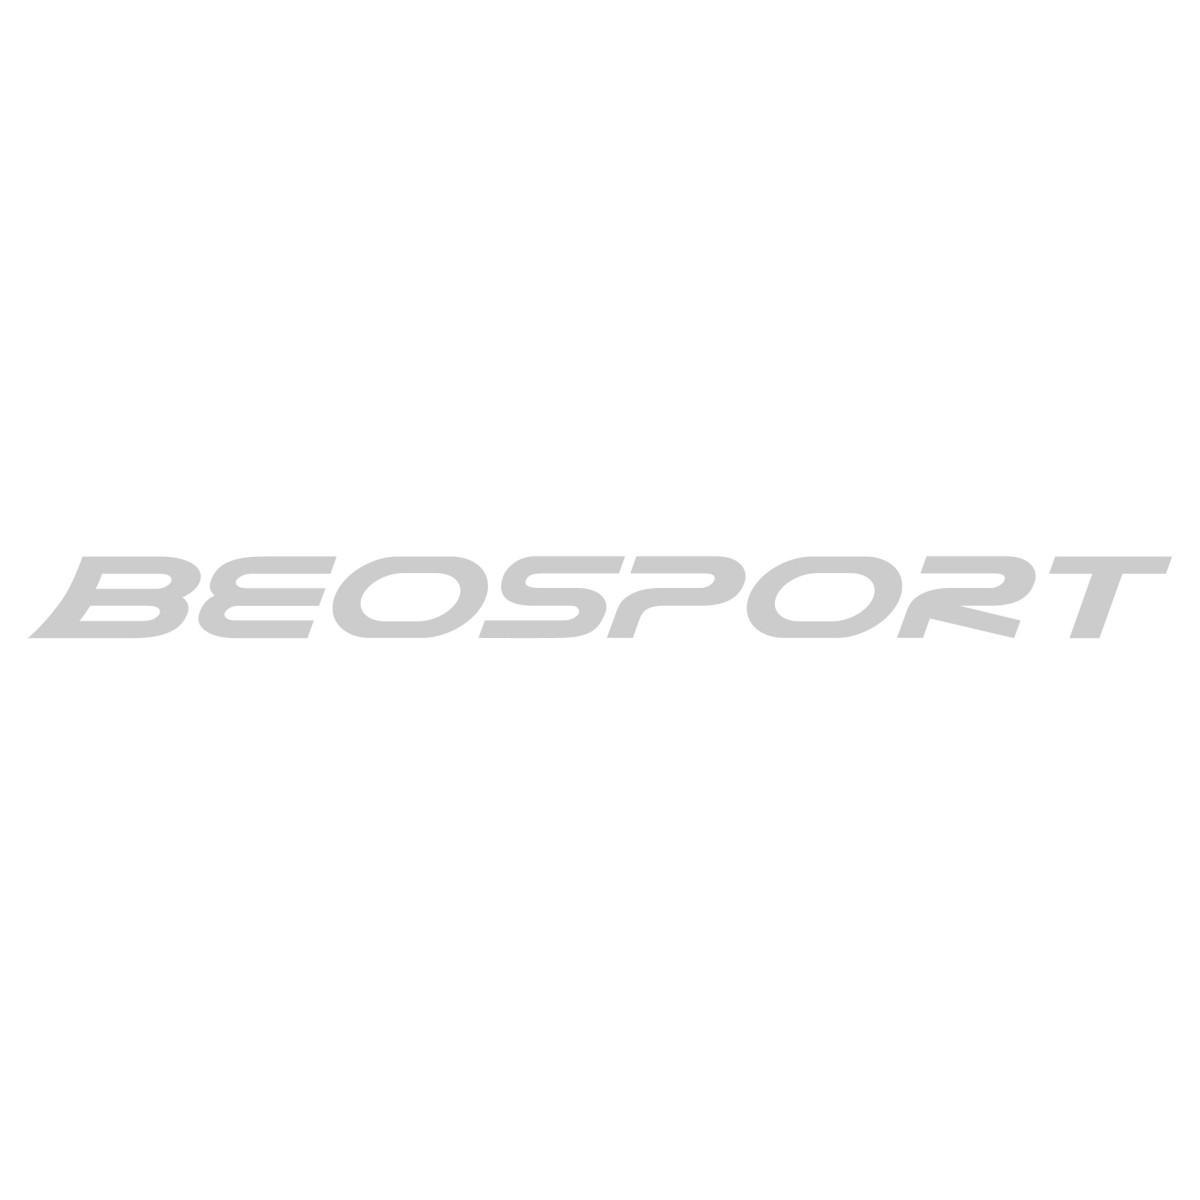 Wilson Lux-Alu Power Spin 12 .2m/1.27mm žica za teniske rekete